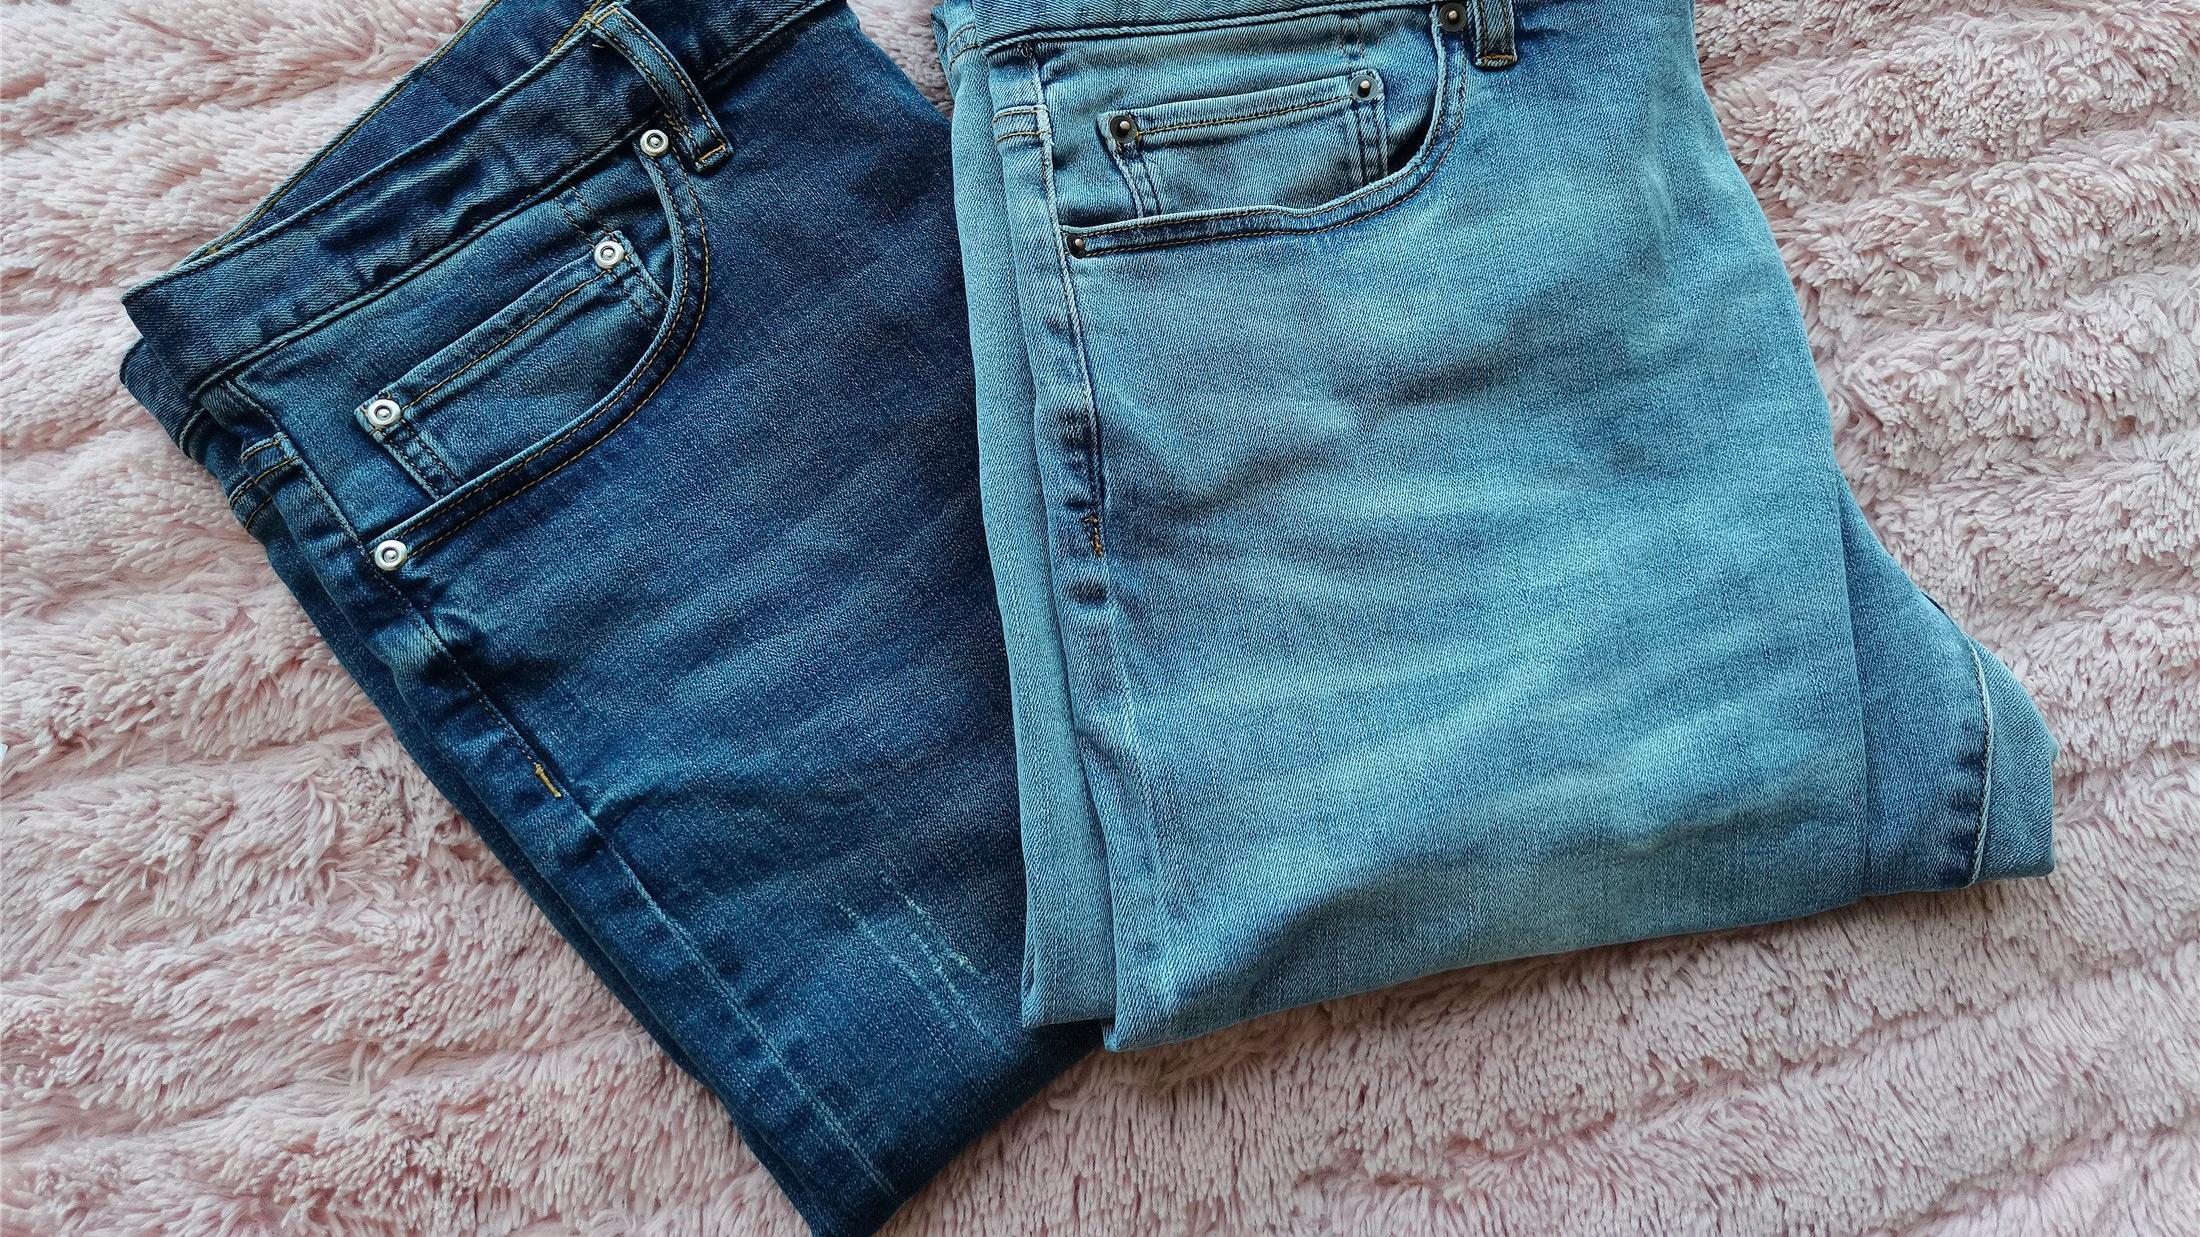 199元入手小米莱卡牛仔裤,冬暖夏凉弹力修身值不值得买?